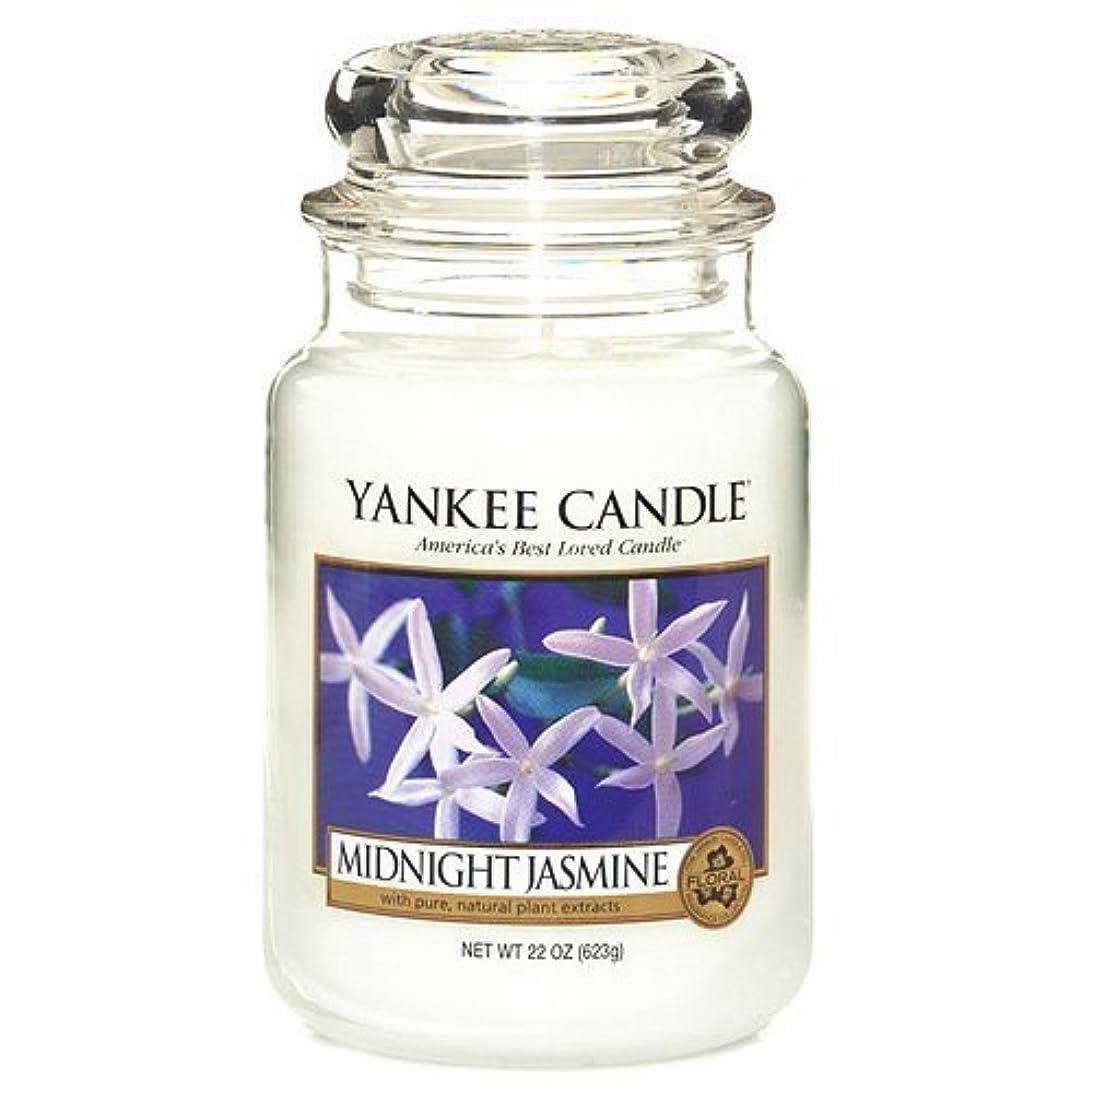 基礎理論厚さスキルYankee Candle Housewarmer Jar (Midnight Jasmine) - Large (22 oz) by Yankee Candle [並行輸入品]